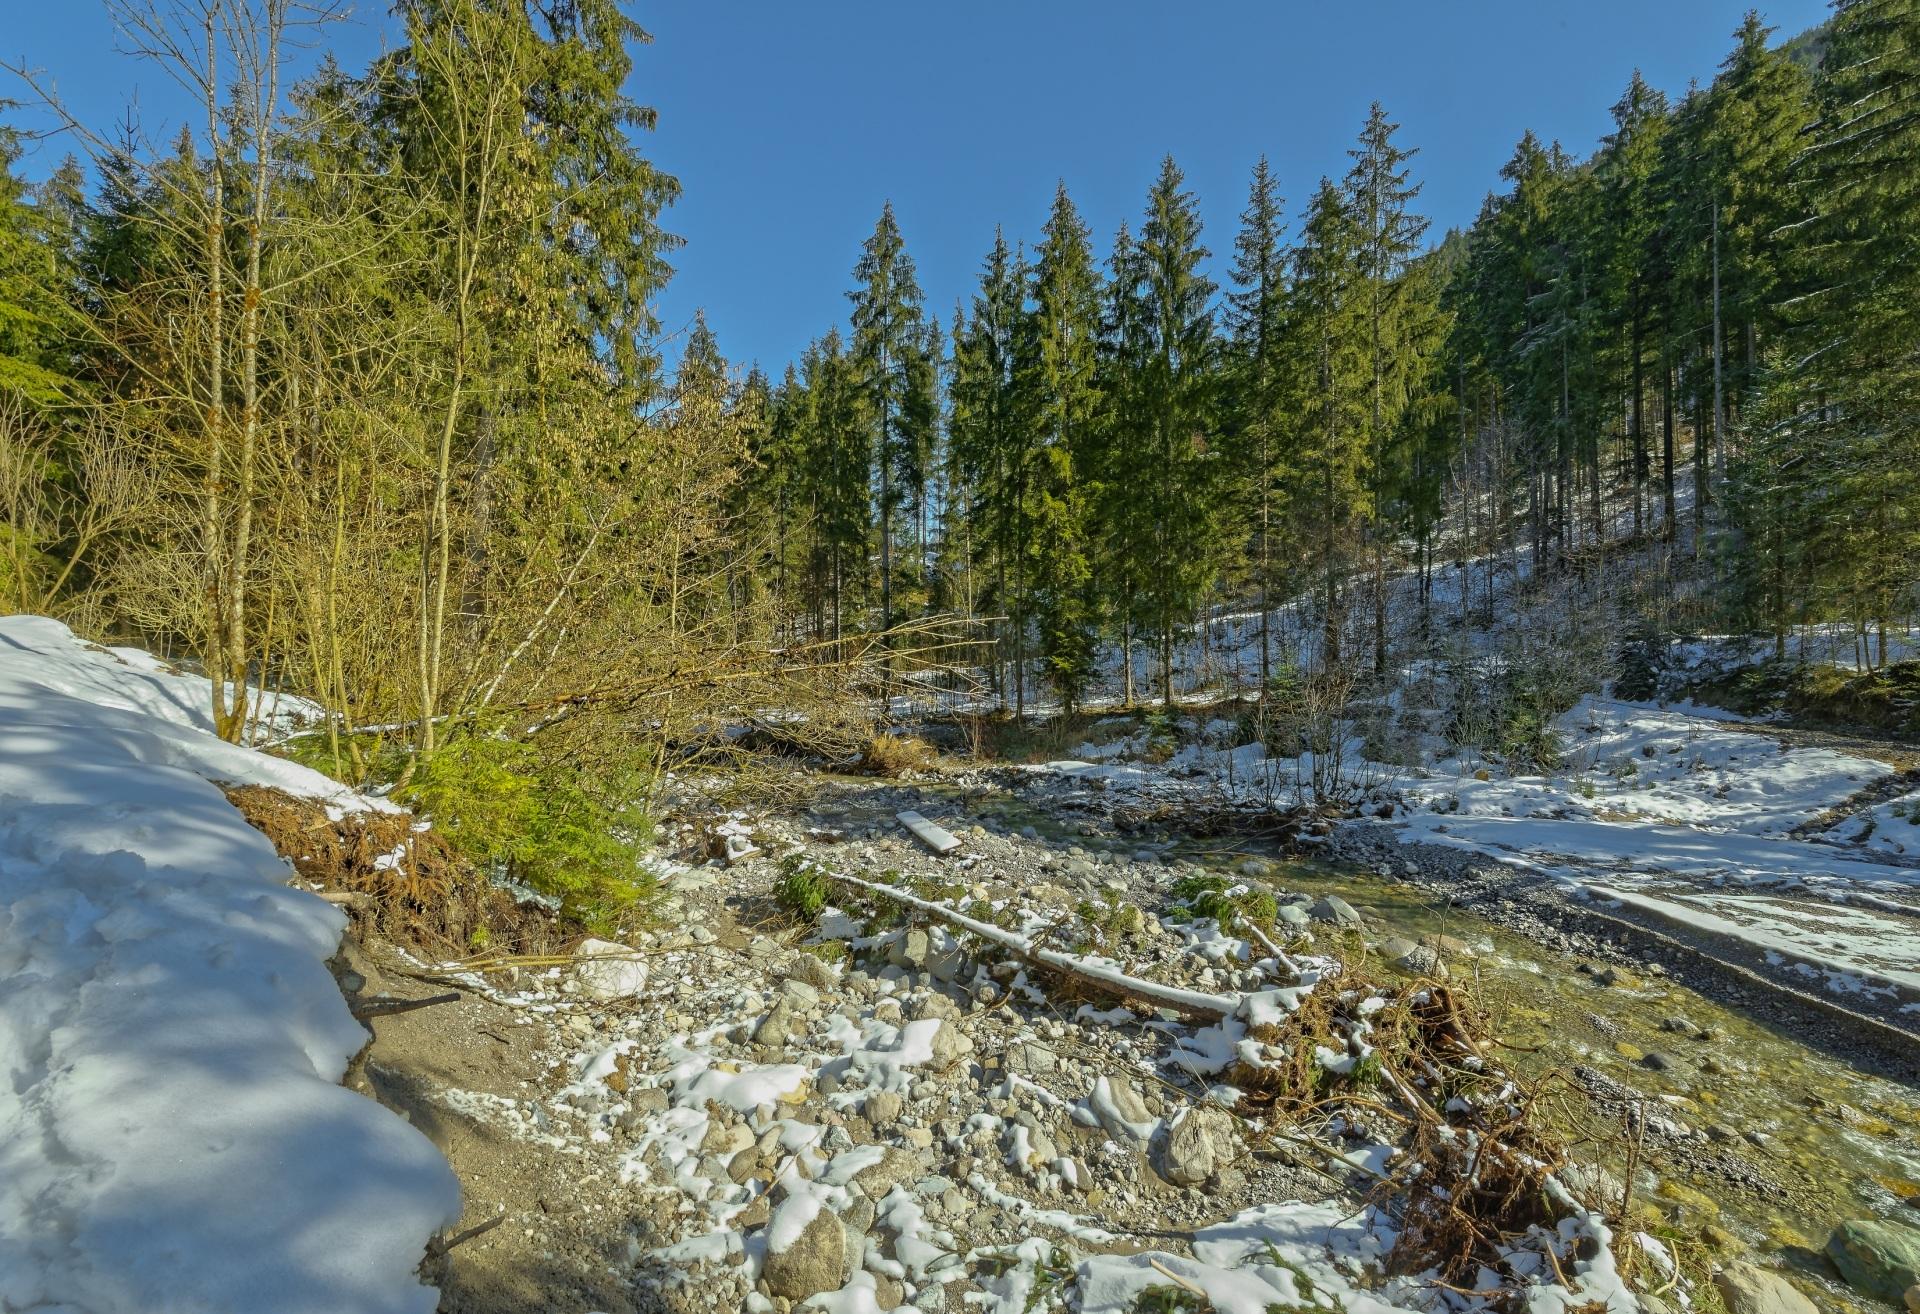 Фото Альпы Австрия Tyrol ели Зима Природа Леса снега 1920x1314 альп Ель зимние лес Снег снеге снегу